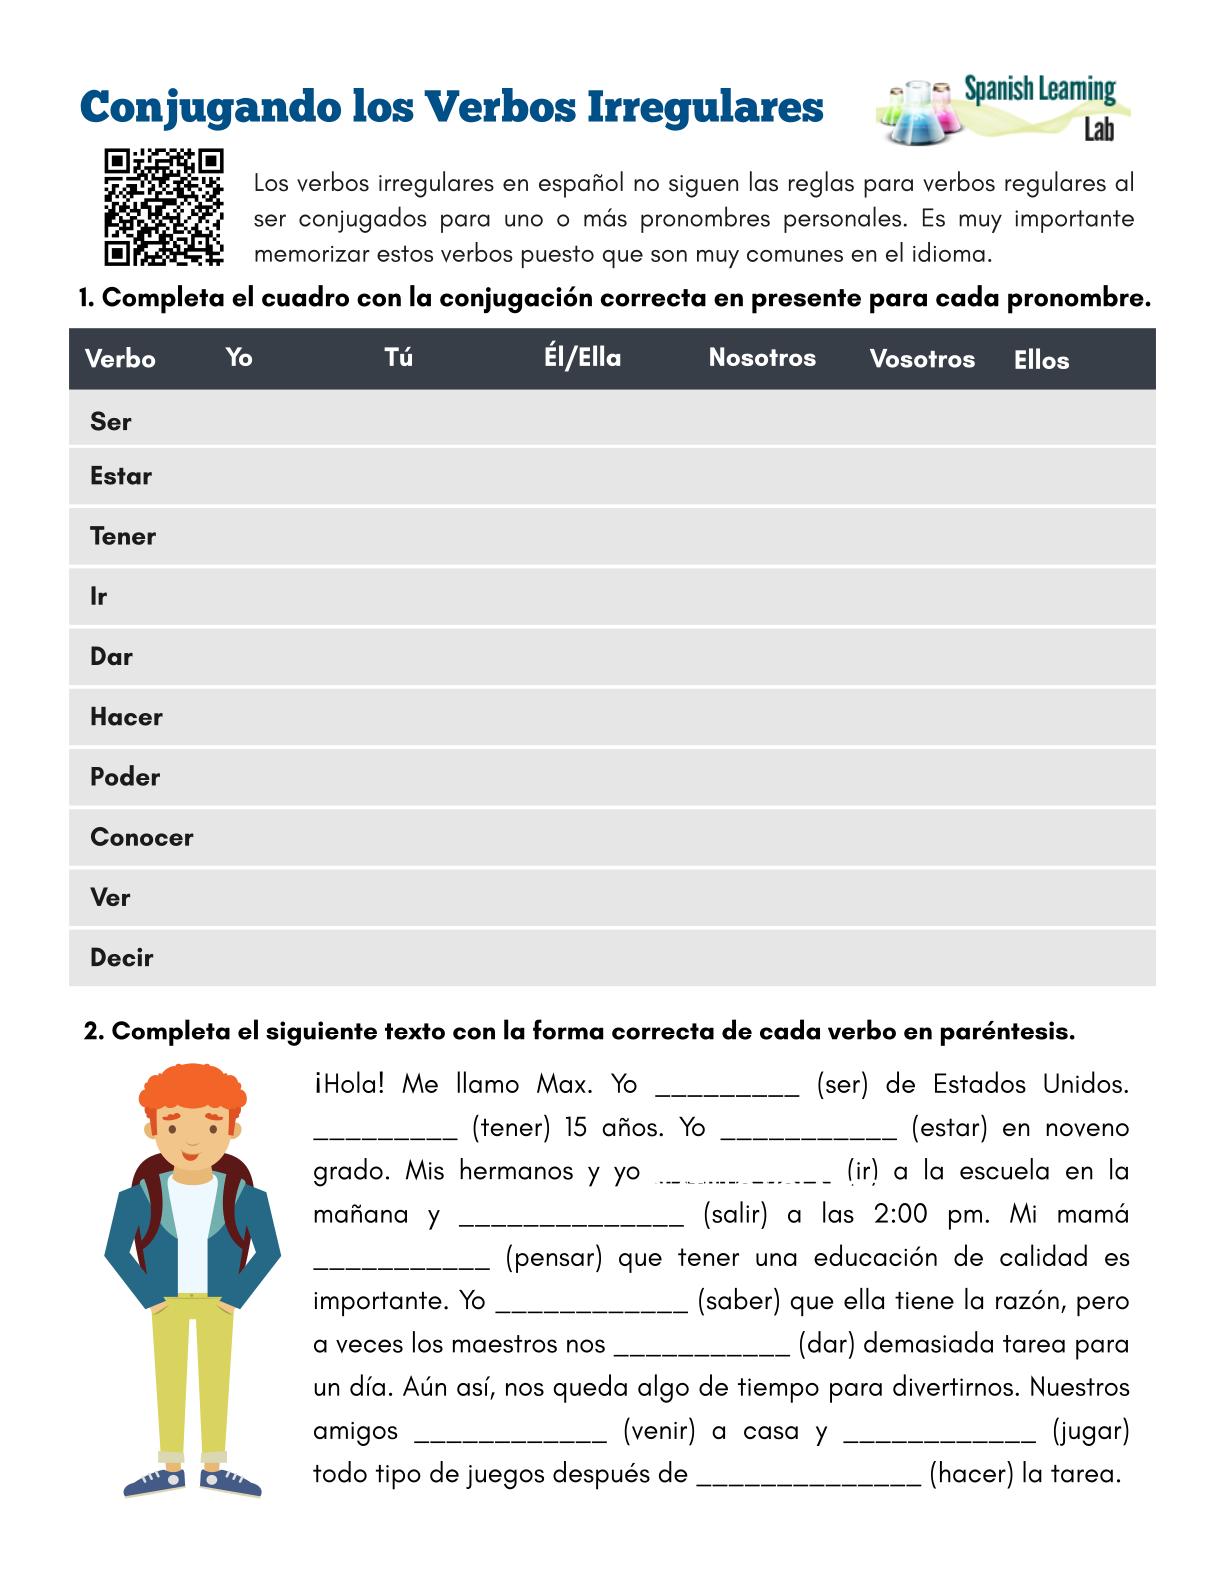 ejercicios verbos irregulares español pdf